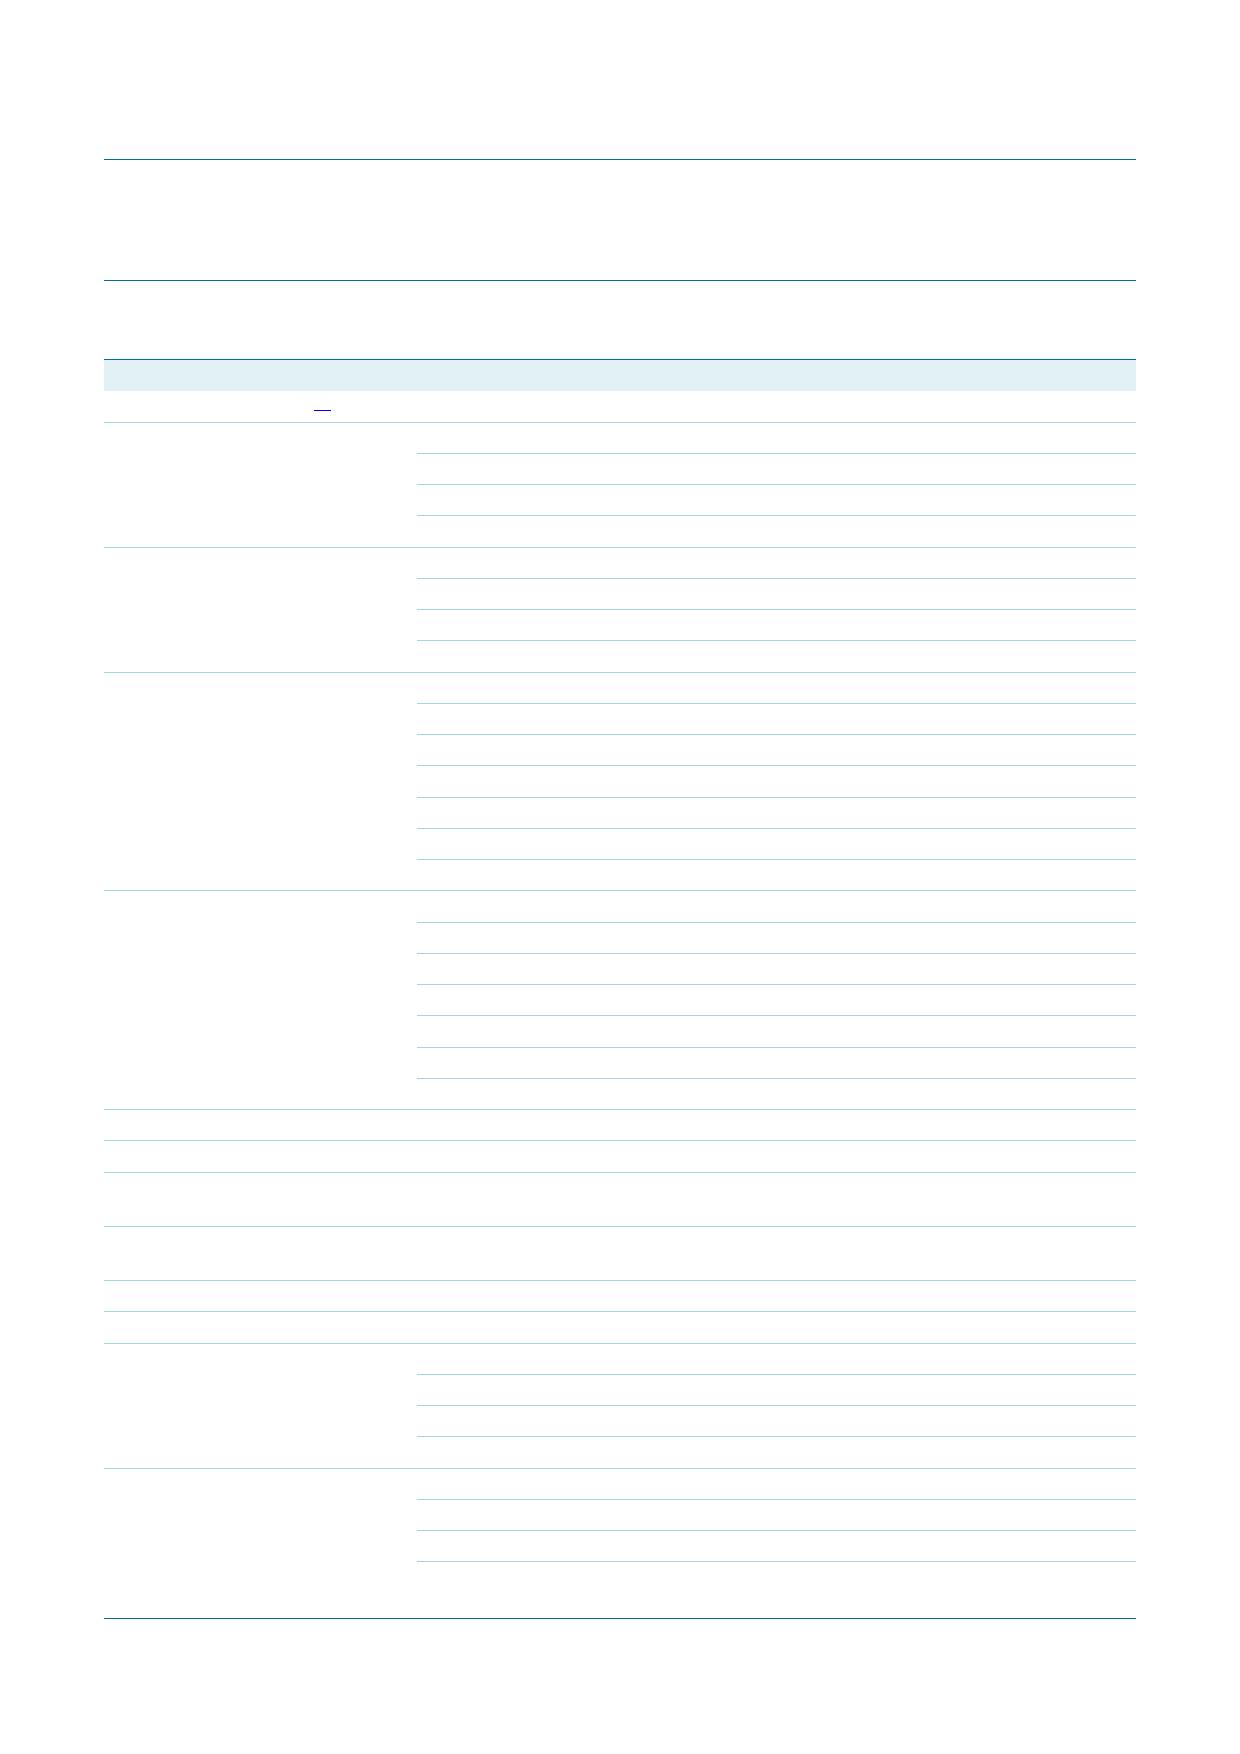 74LVC2G08 pdf